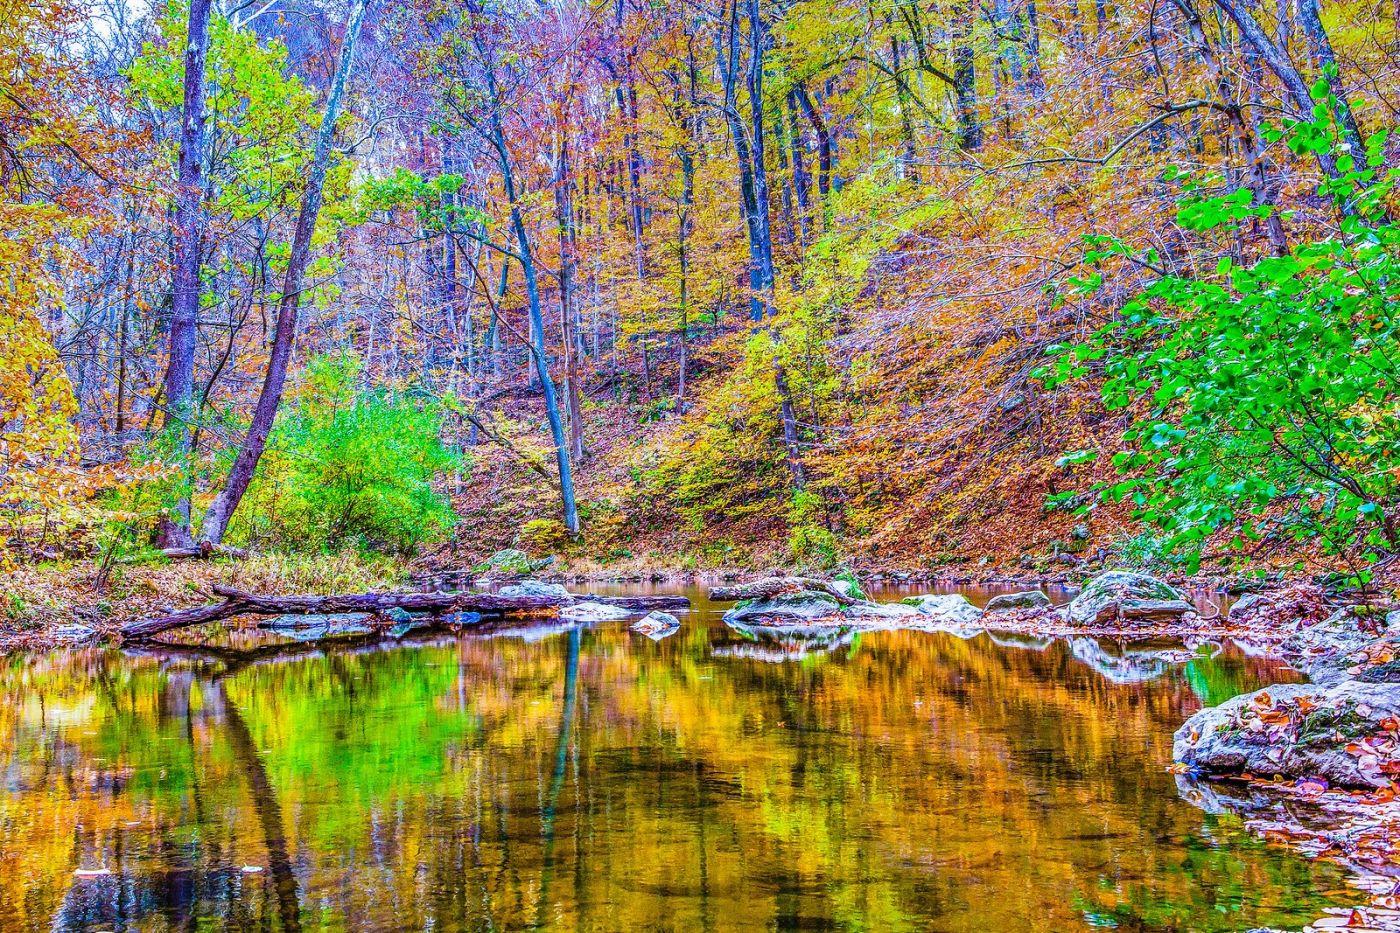 宾州雷德利克里克公园(Ridley creek park),如梦的画面_图1-37